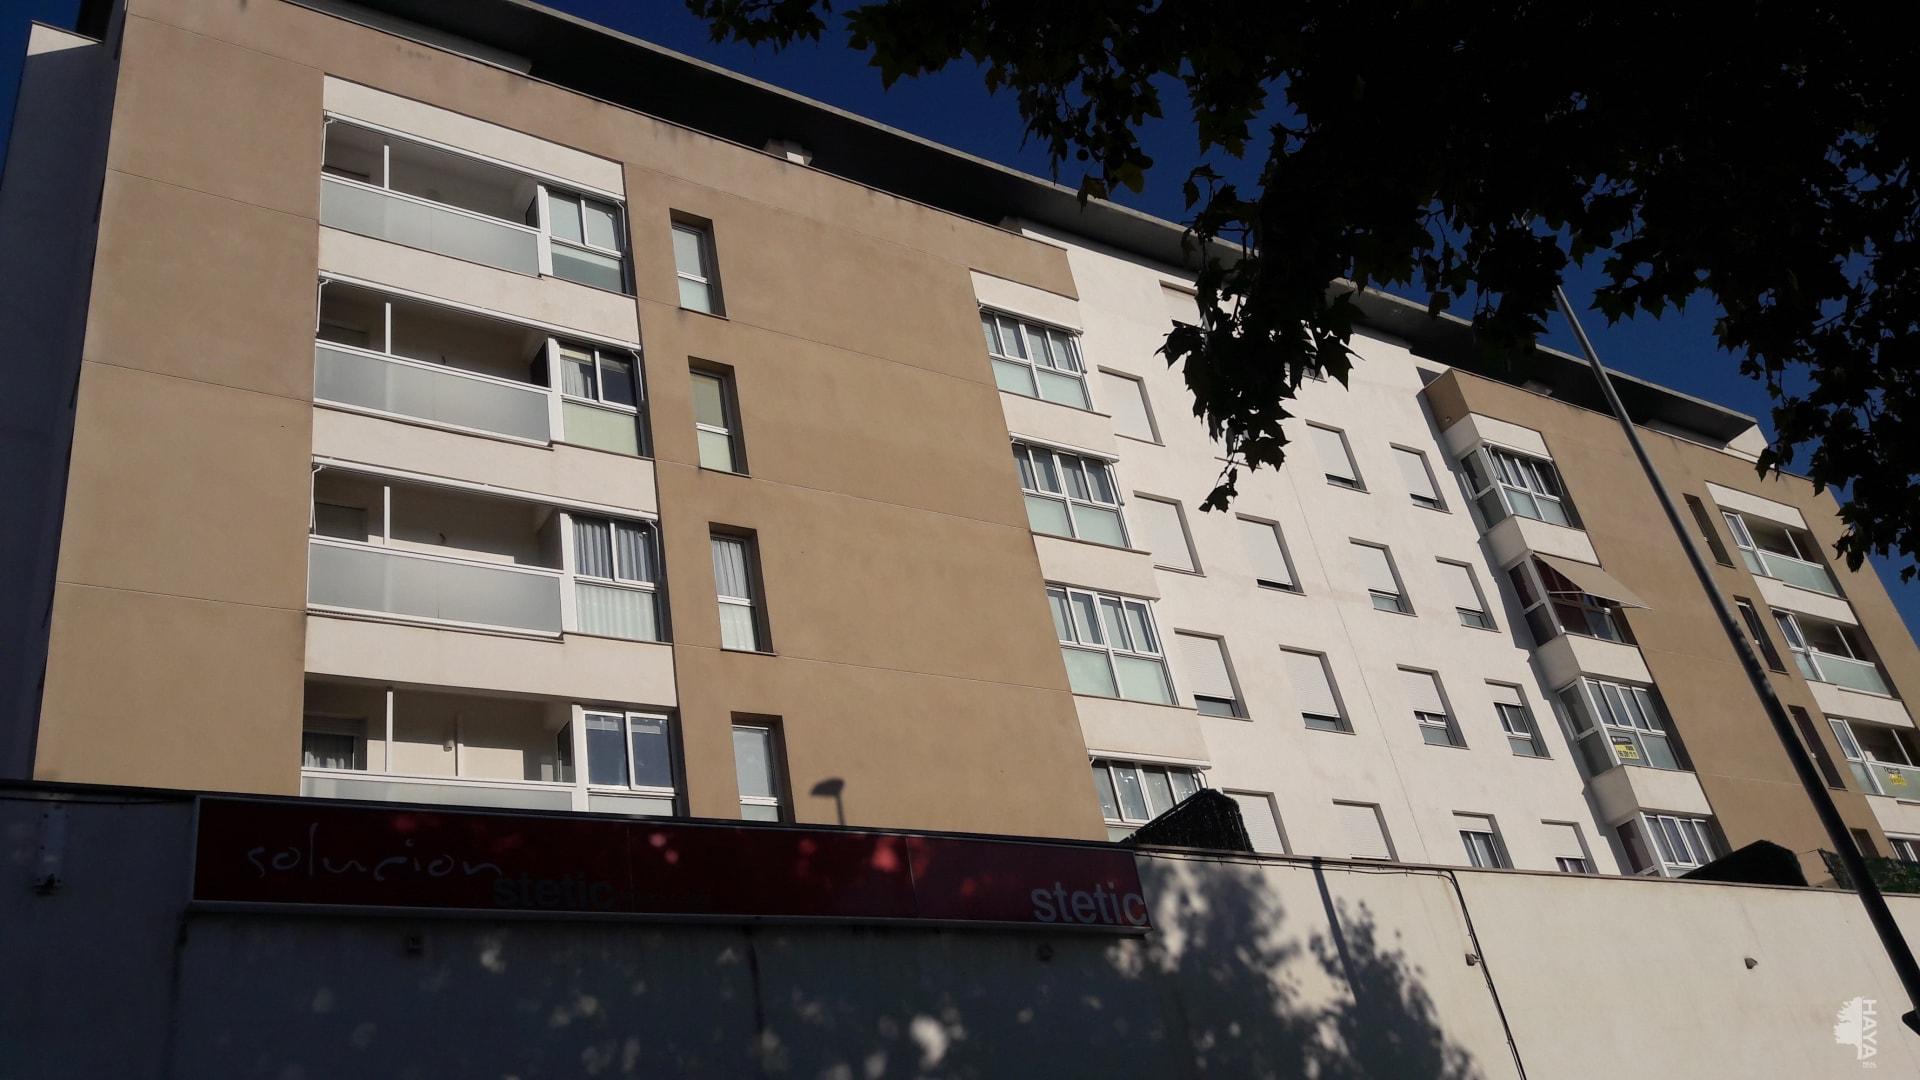 Piso en venta en Pobles de L`oest, Albaida, Valencia, Avenida la Fira, 72.000 €, 2 habitaciones, 2 baños, 105 m2